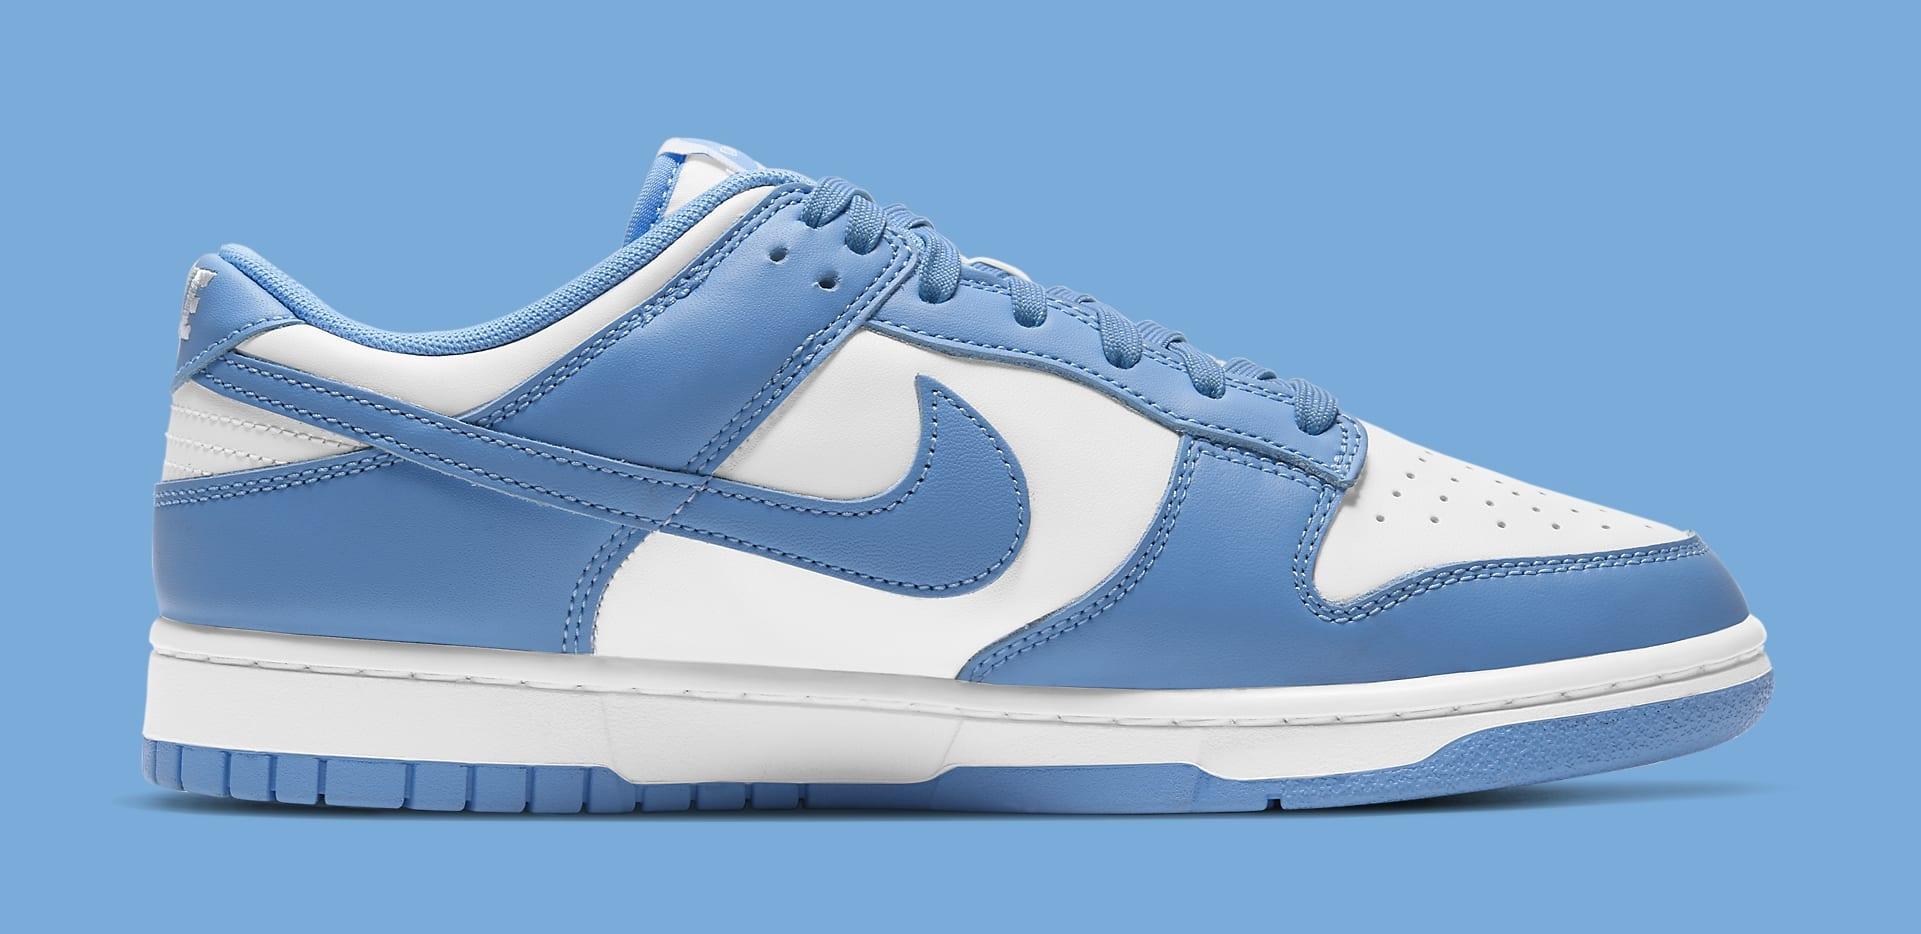 Nike Dunk Low 'University Blue' DD1391 102 Medial